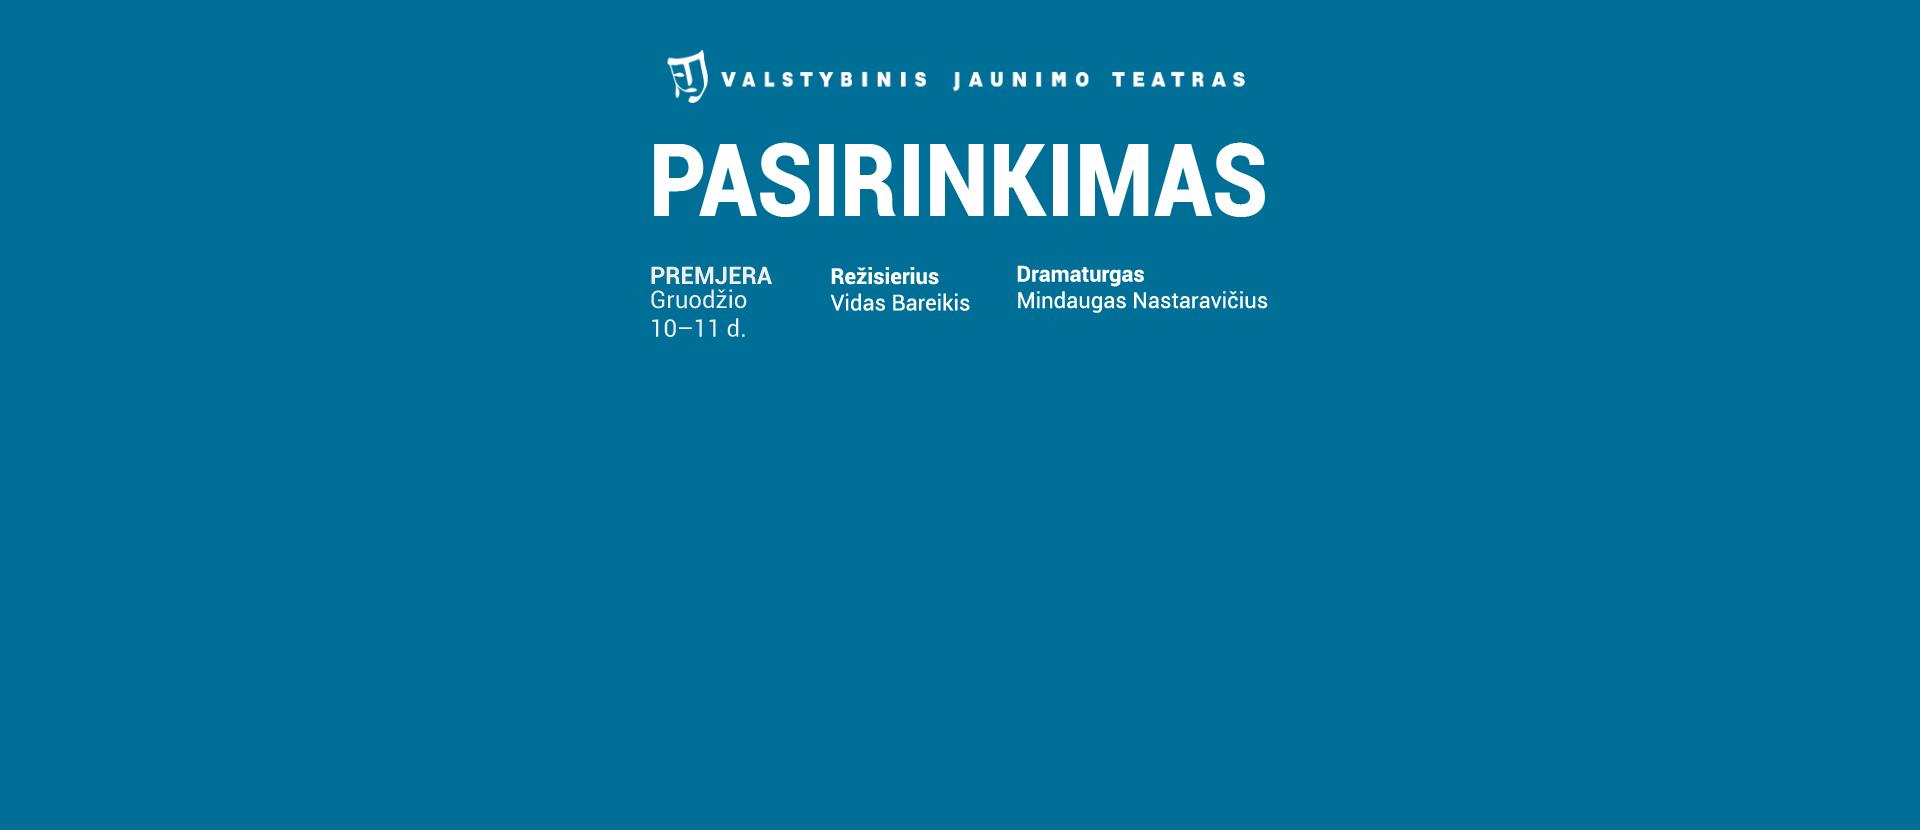 PREMJERA. Mindaugas Nastaravičius. PASIRINKIMAS. Režisierius – Vidas Bareikis